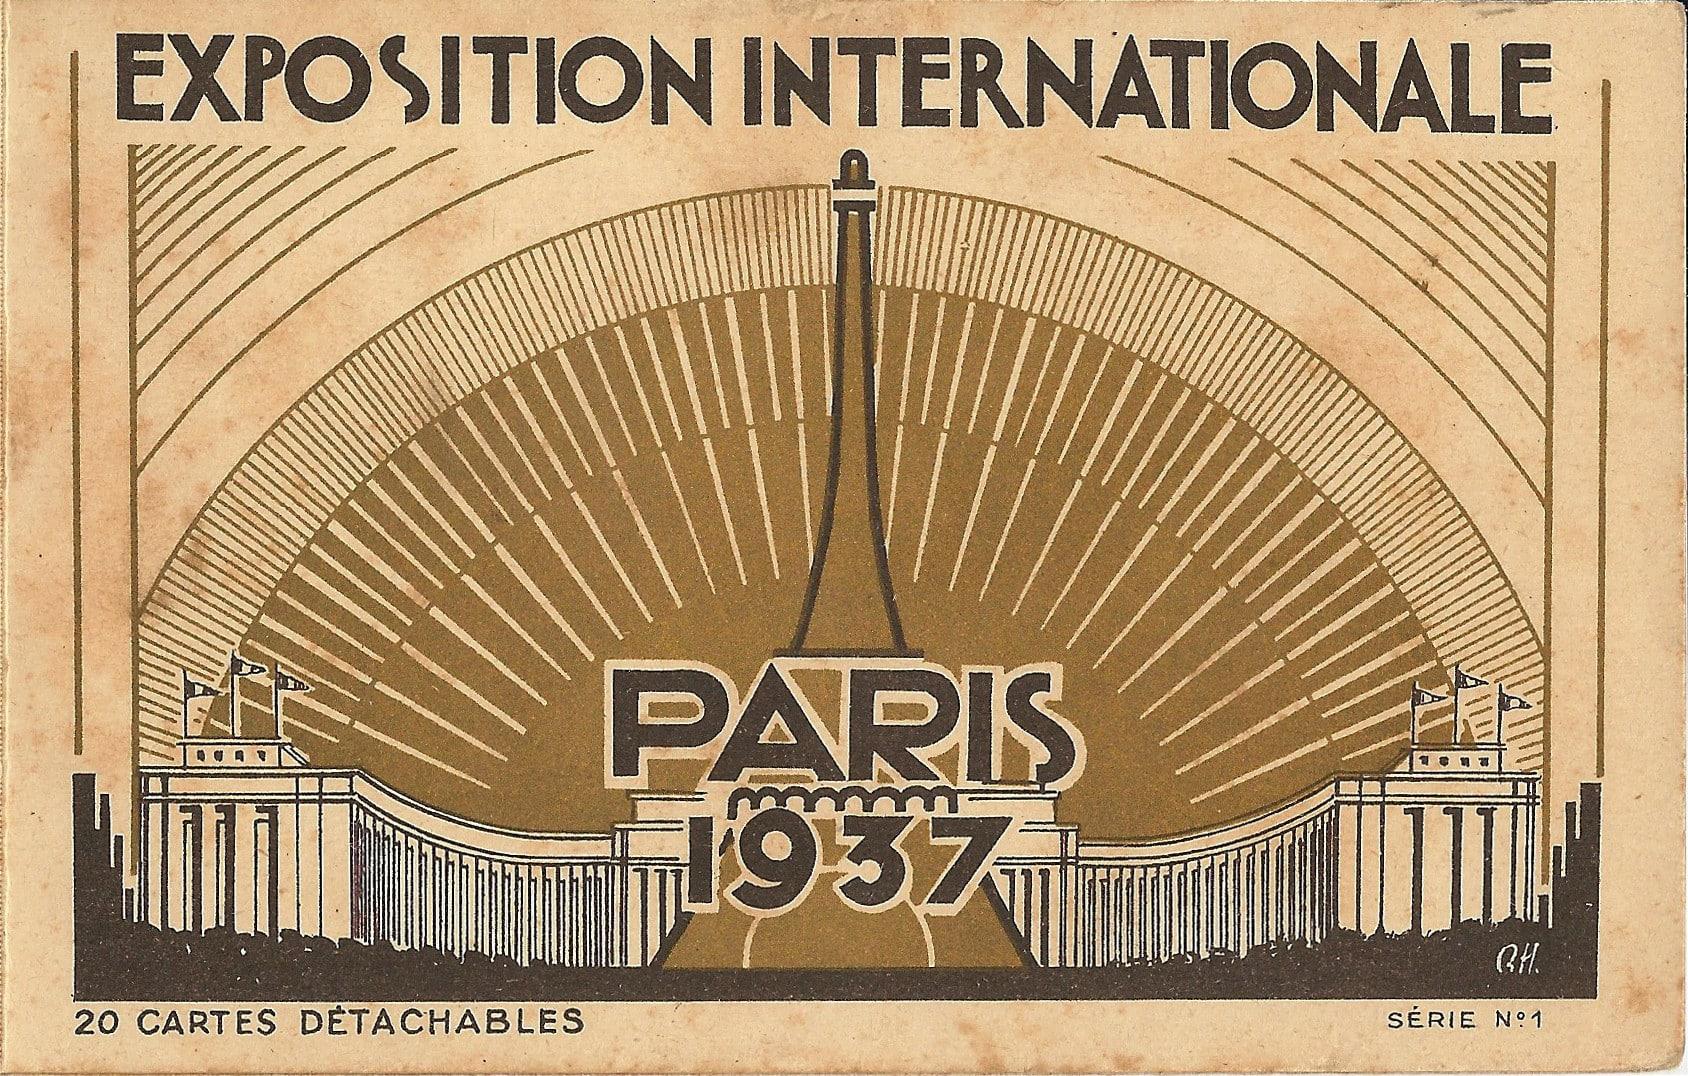 Exposition Internationale : Paris 1937 - 20 Cartes Détachables - Série n°1 - H. Chipault, Concessionnaire à Boulogne-sur-Seine (France).